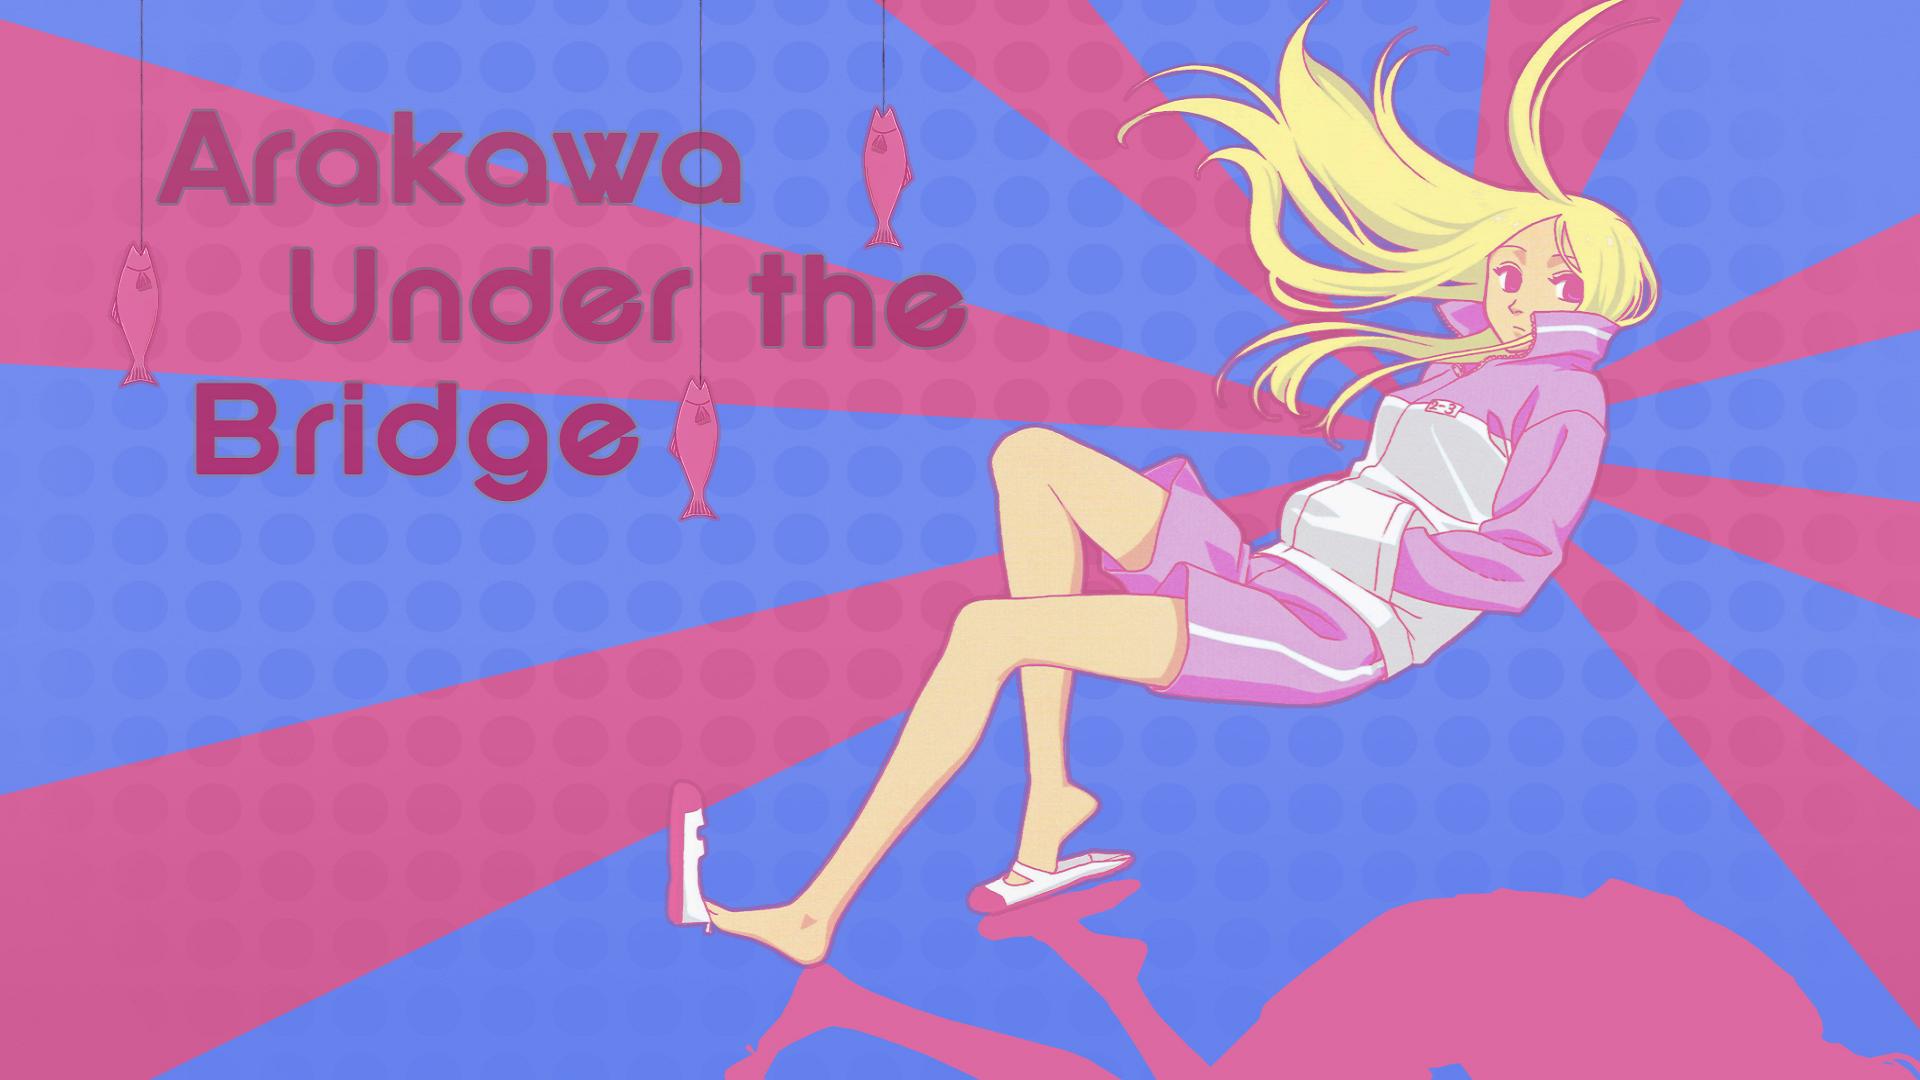 デスクトップ壁紙 図 アニメの女の子 テキスト ニノ荒川アンダー